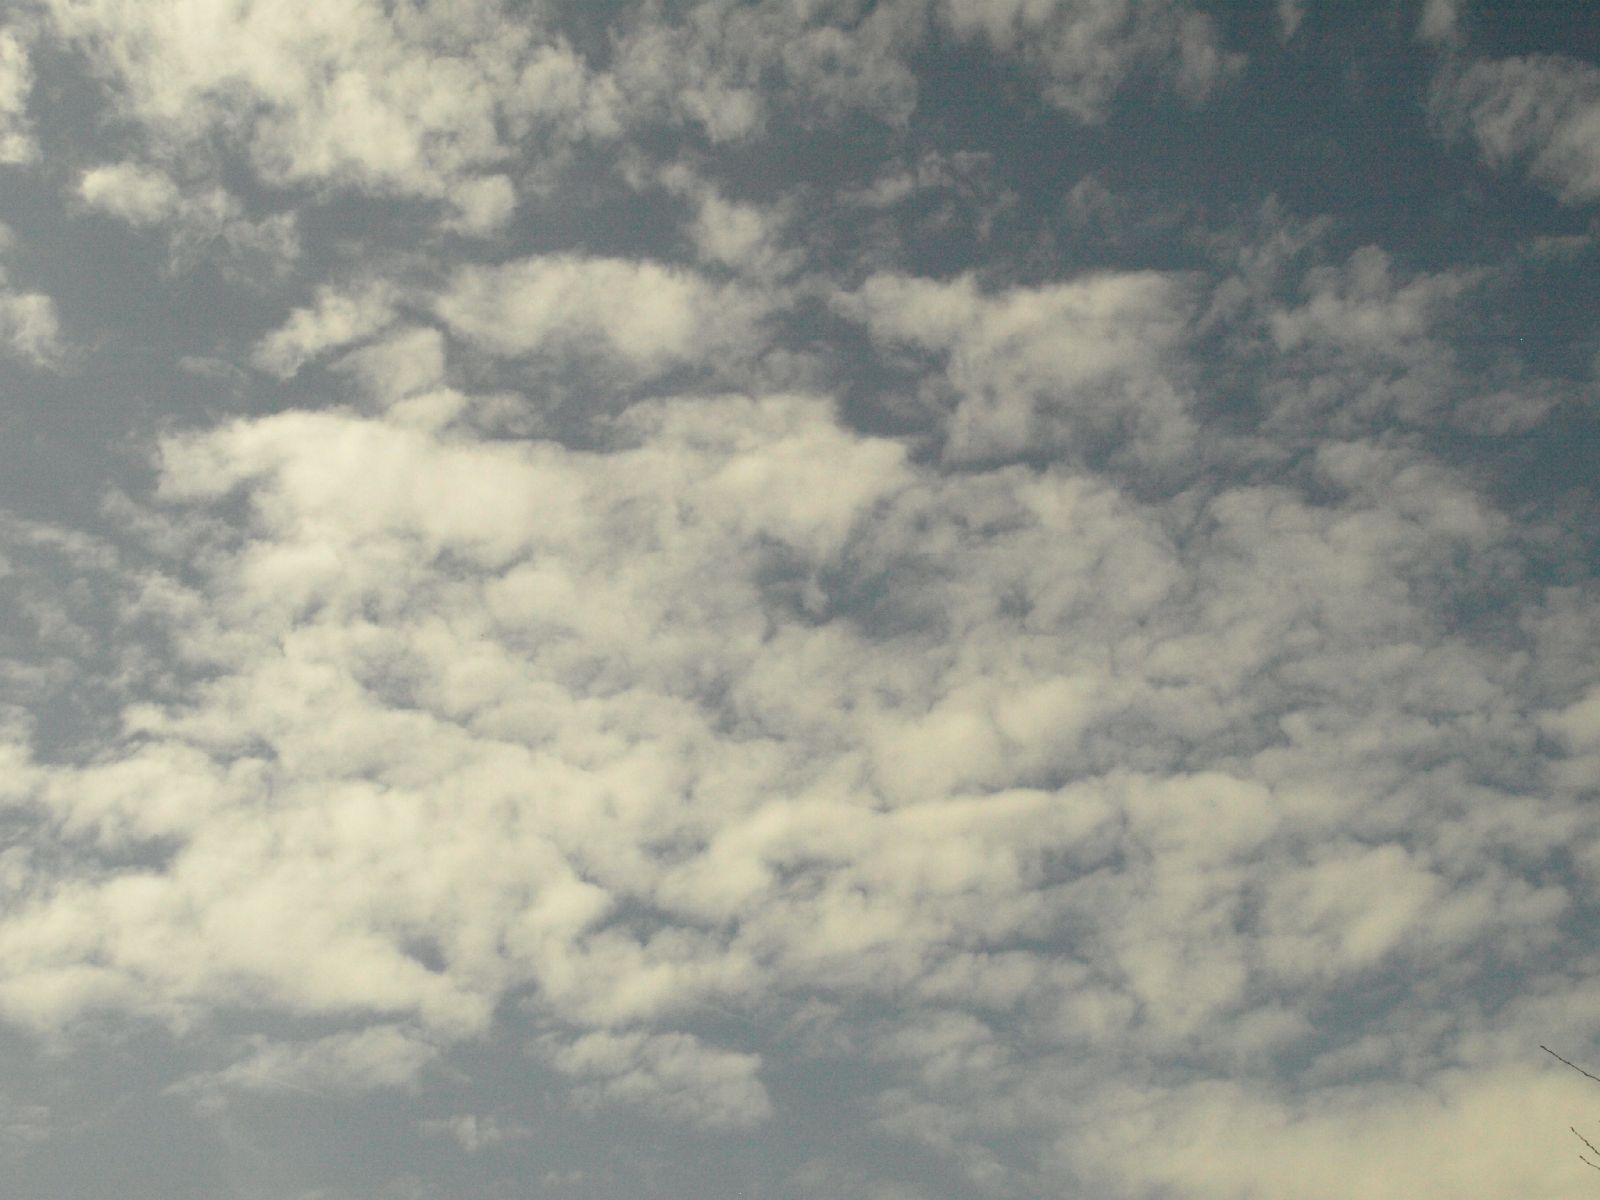 Himmel-Wolken-Foto_Textur_A_P4101912